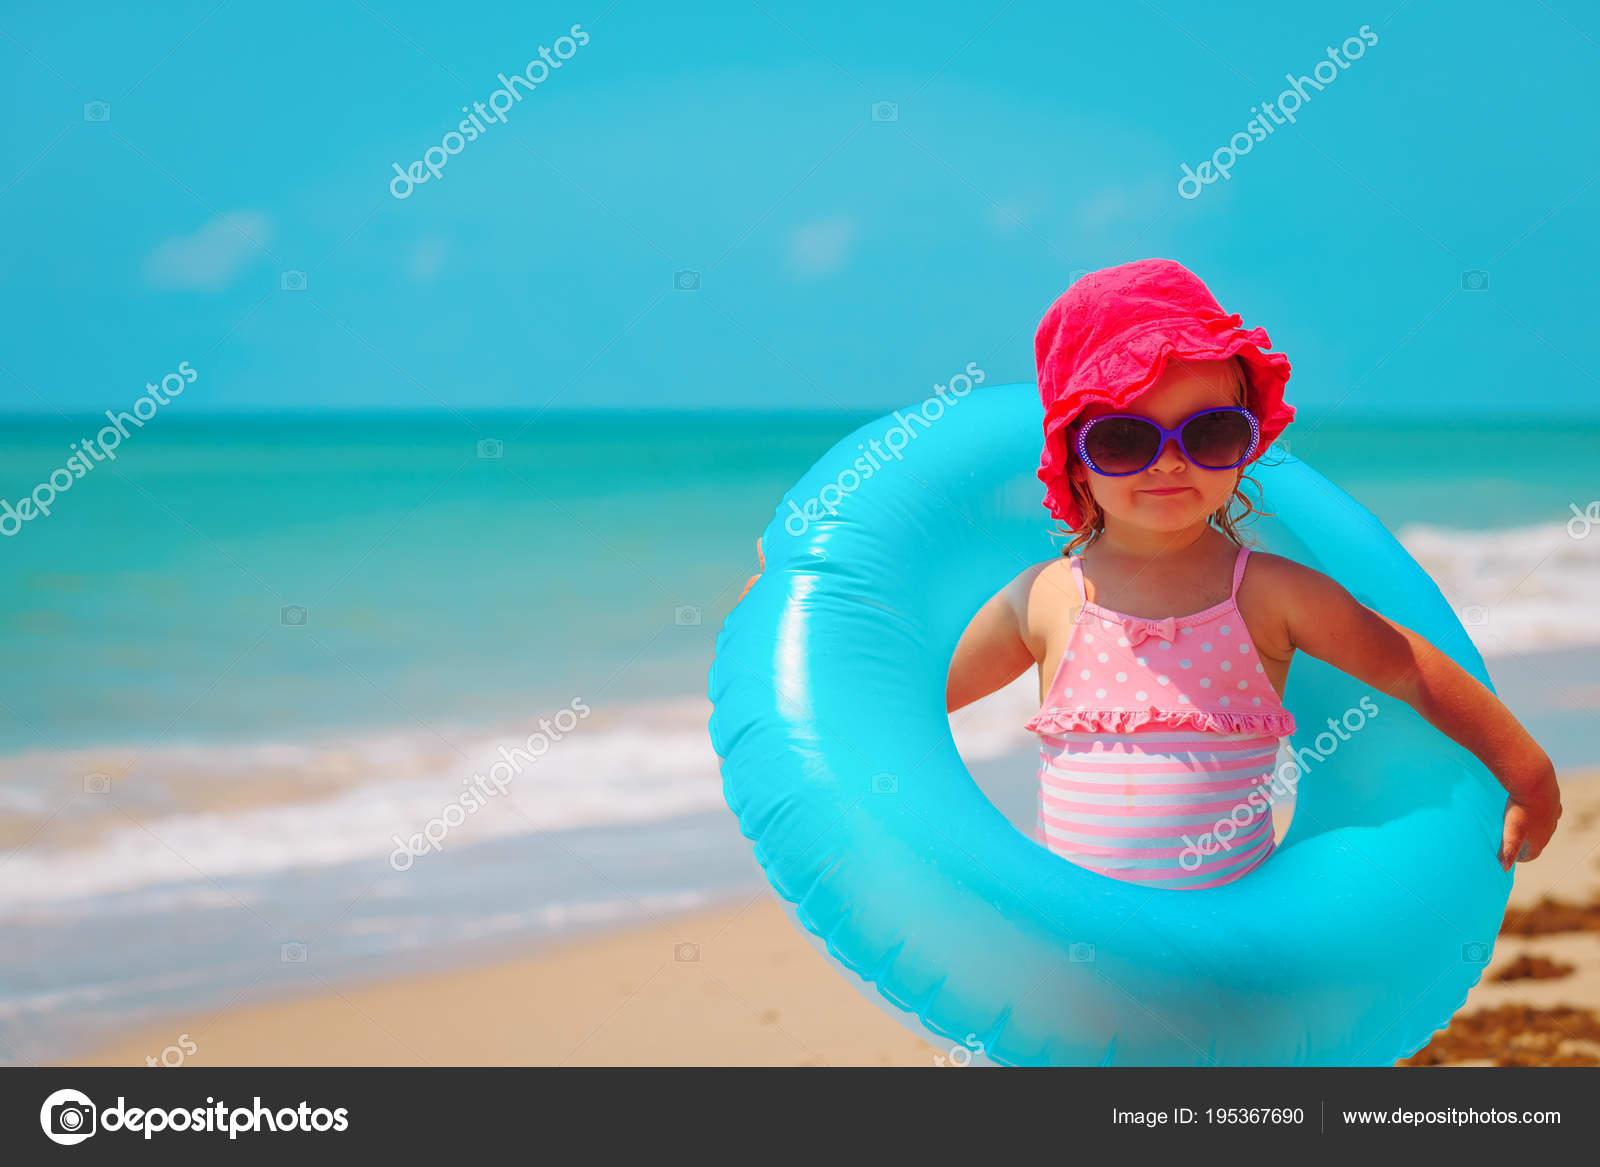 — Foto Flotante Stock La Con Anillo En Juguete Playa Linda Niña De YWHE2eD9Ib